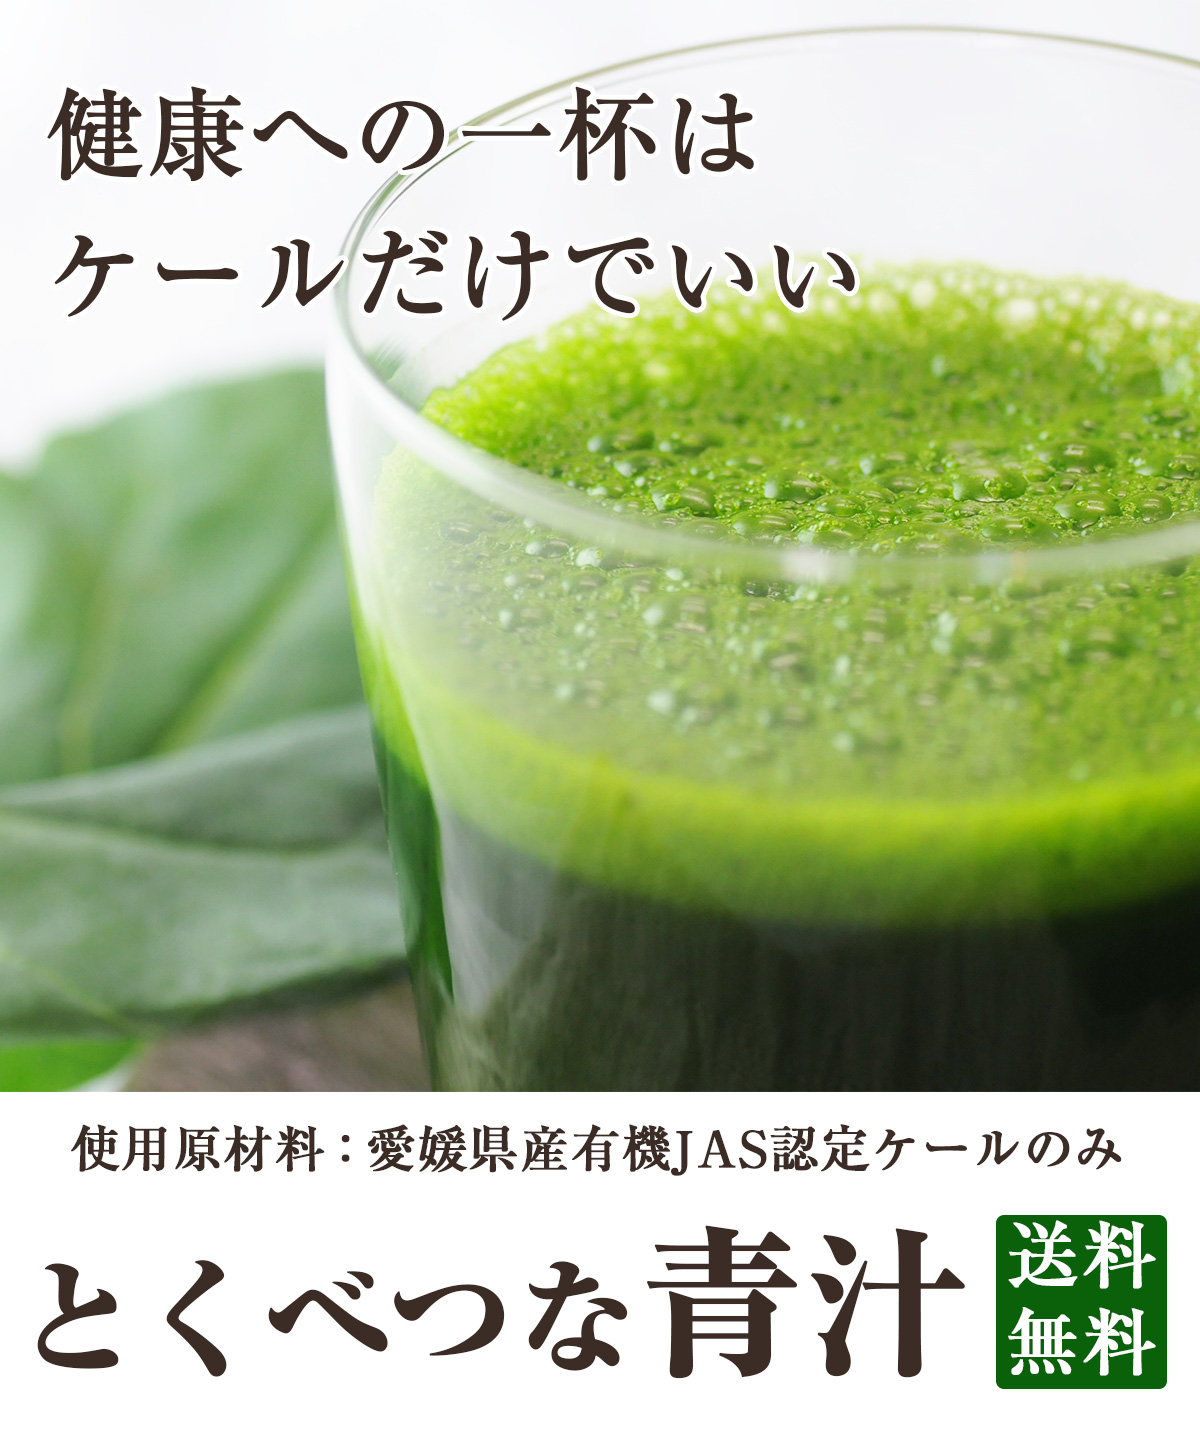 【お試しセット】 とくべつな冷凍青汁 【100cc×7p】【送料無料】【冷凍ジュース】